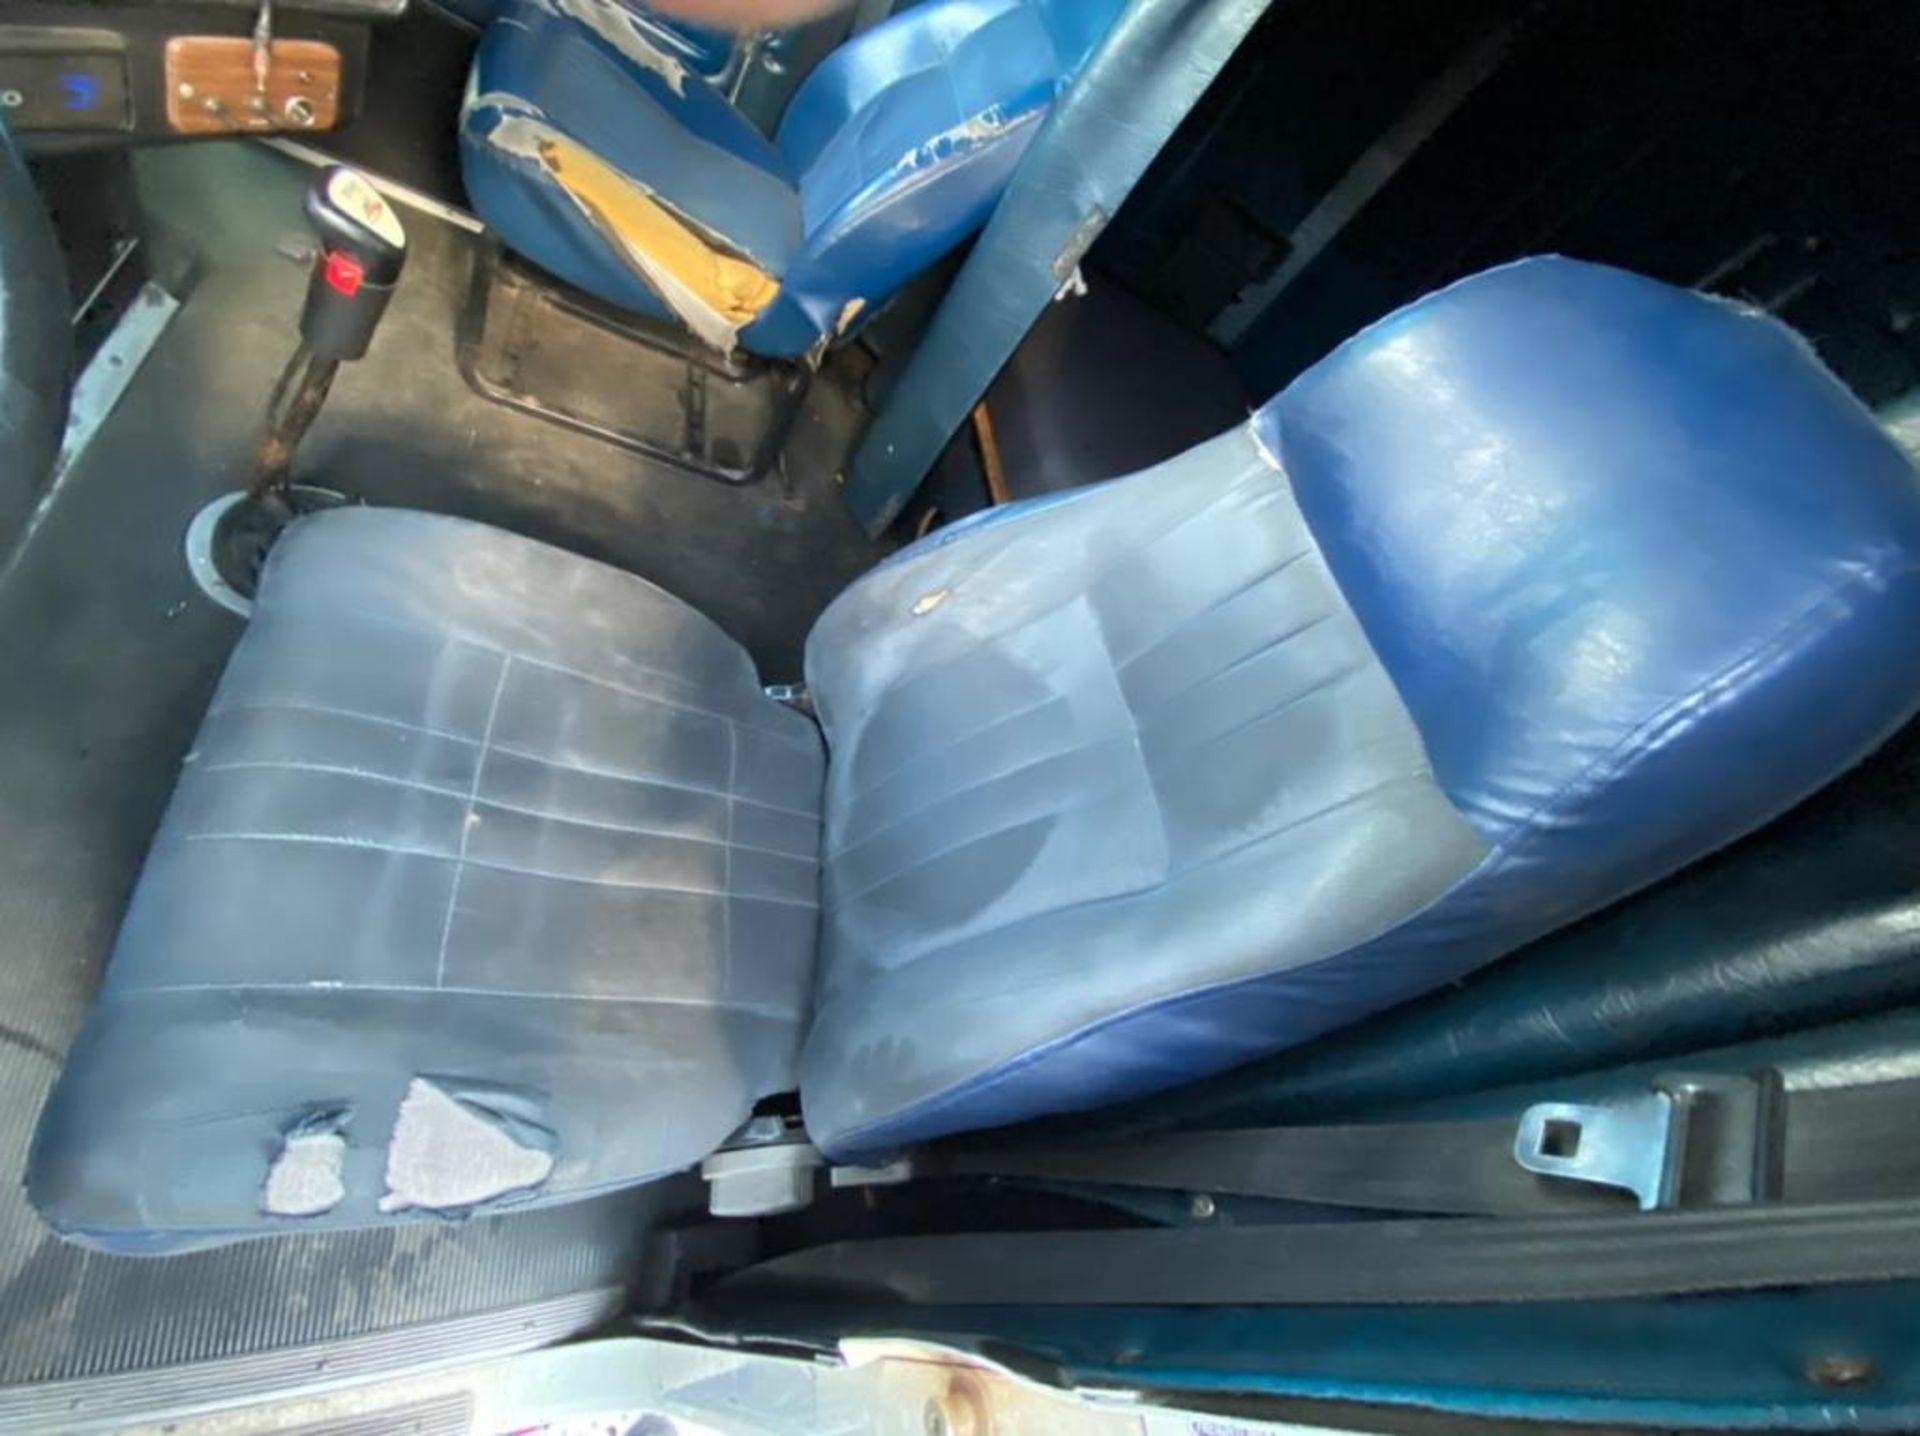 Tractocamión Marca FREIGHTLINER Fld-120, Modelo 1997 - Image 26 of 28